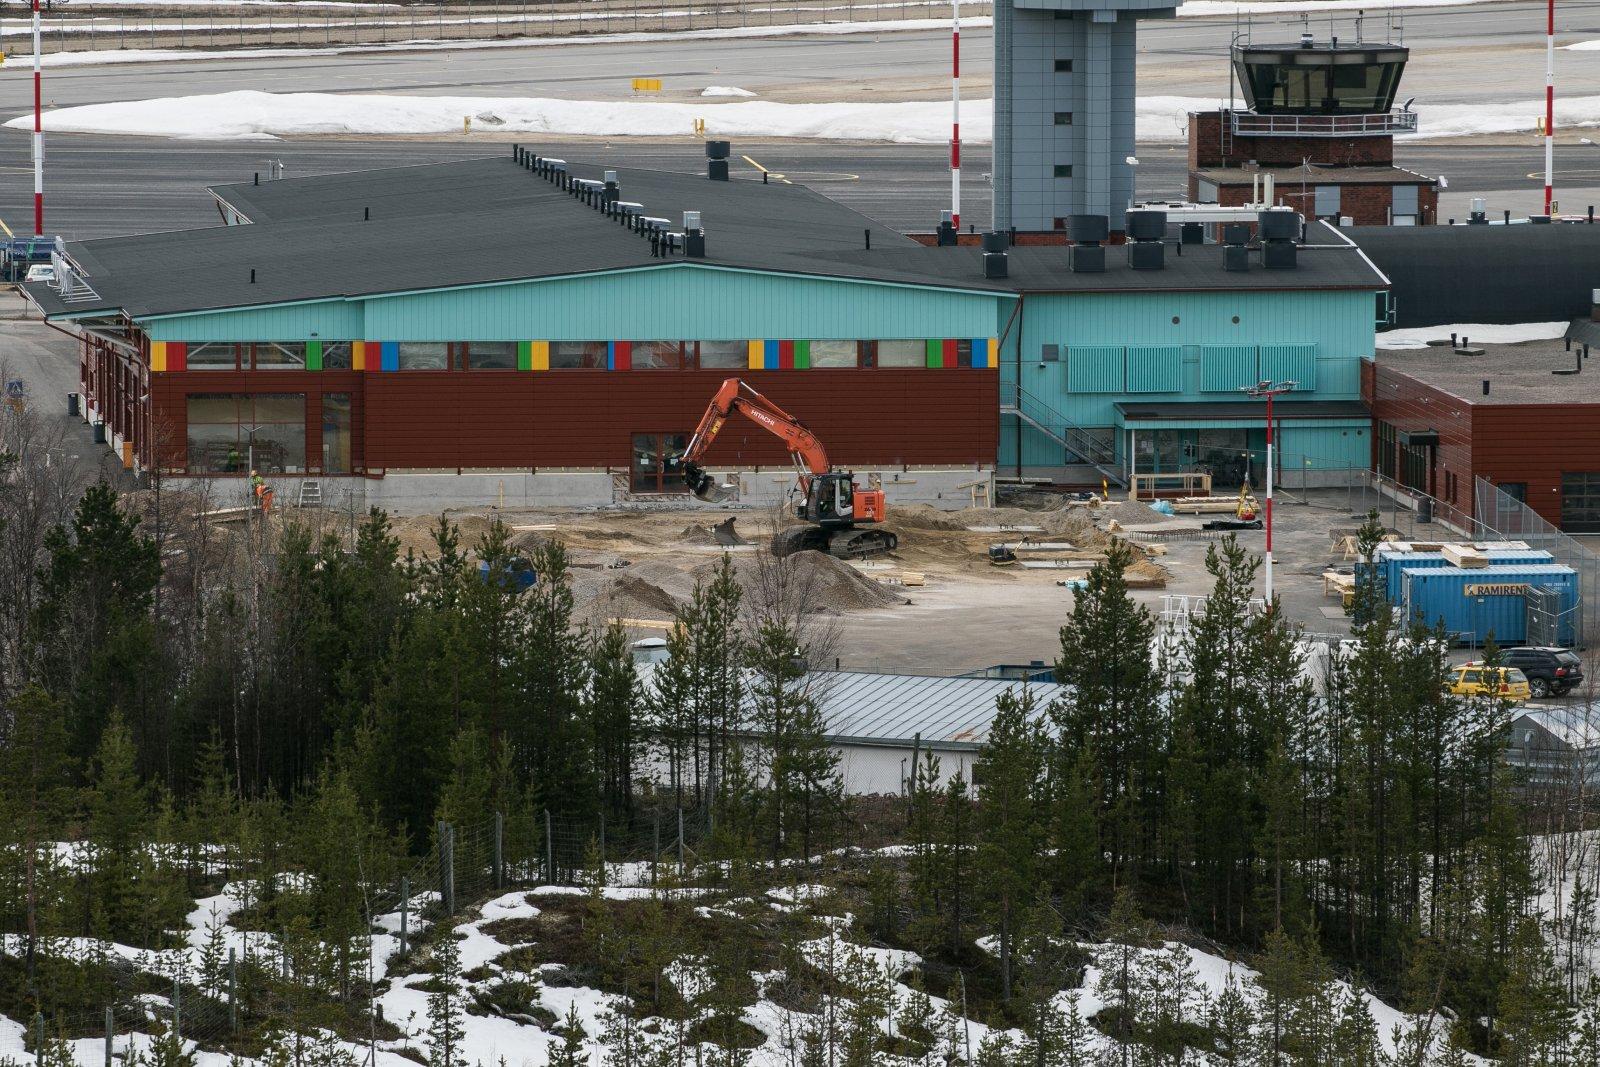 Laajennus. Taas alkoi laajennus Ivalon lentoasemalla, nyt tulee 1200m2 lisää tuloaulaa.